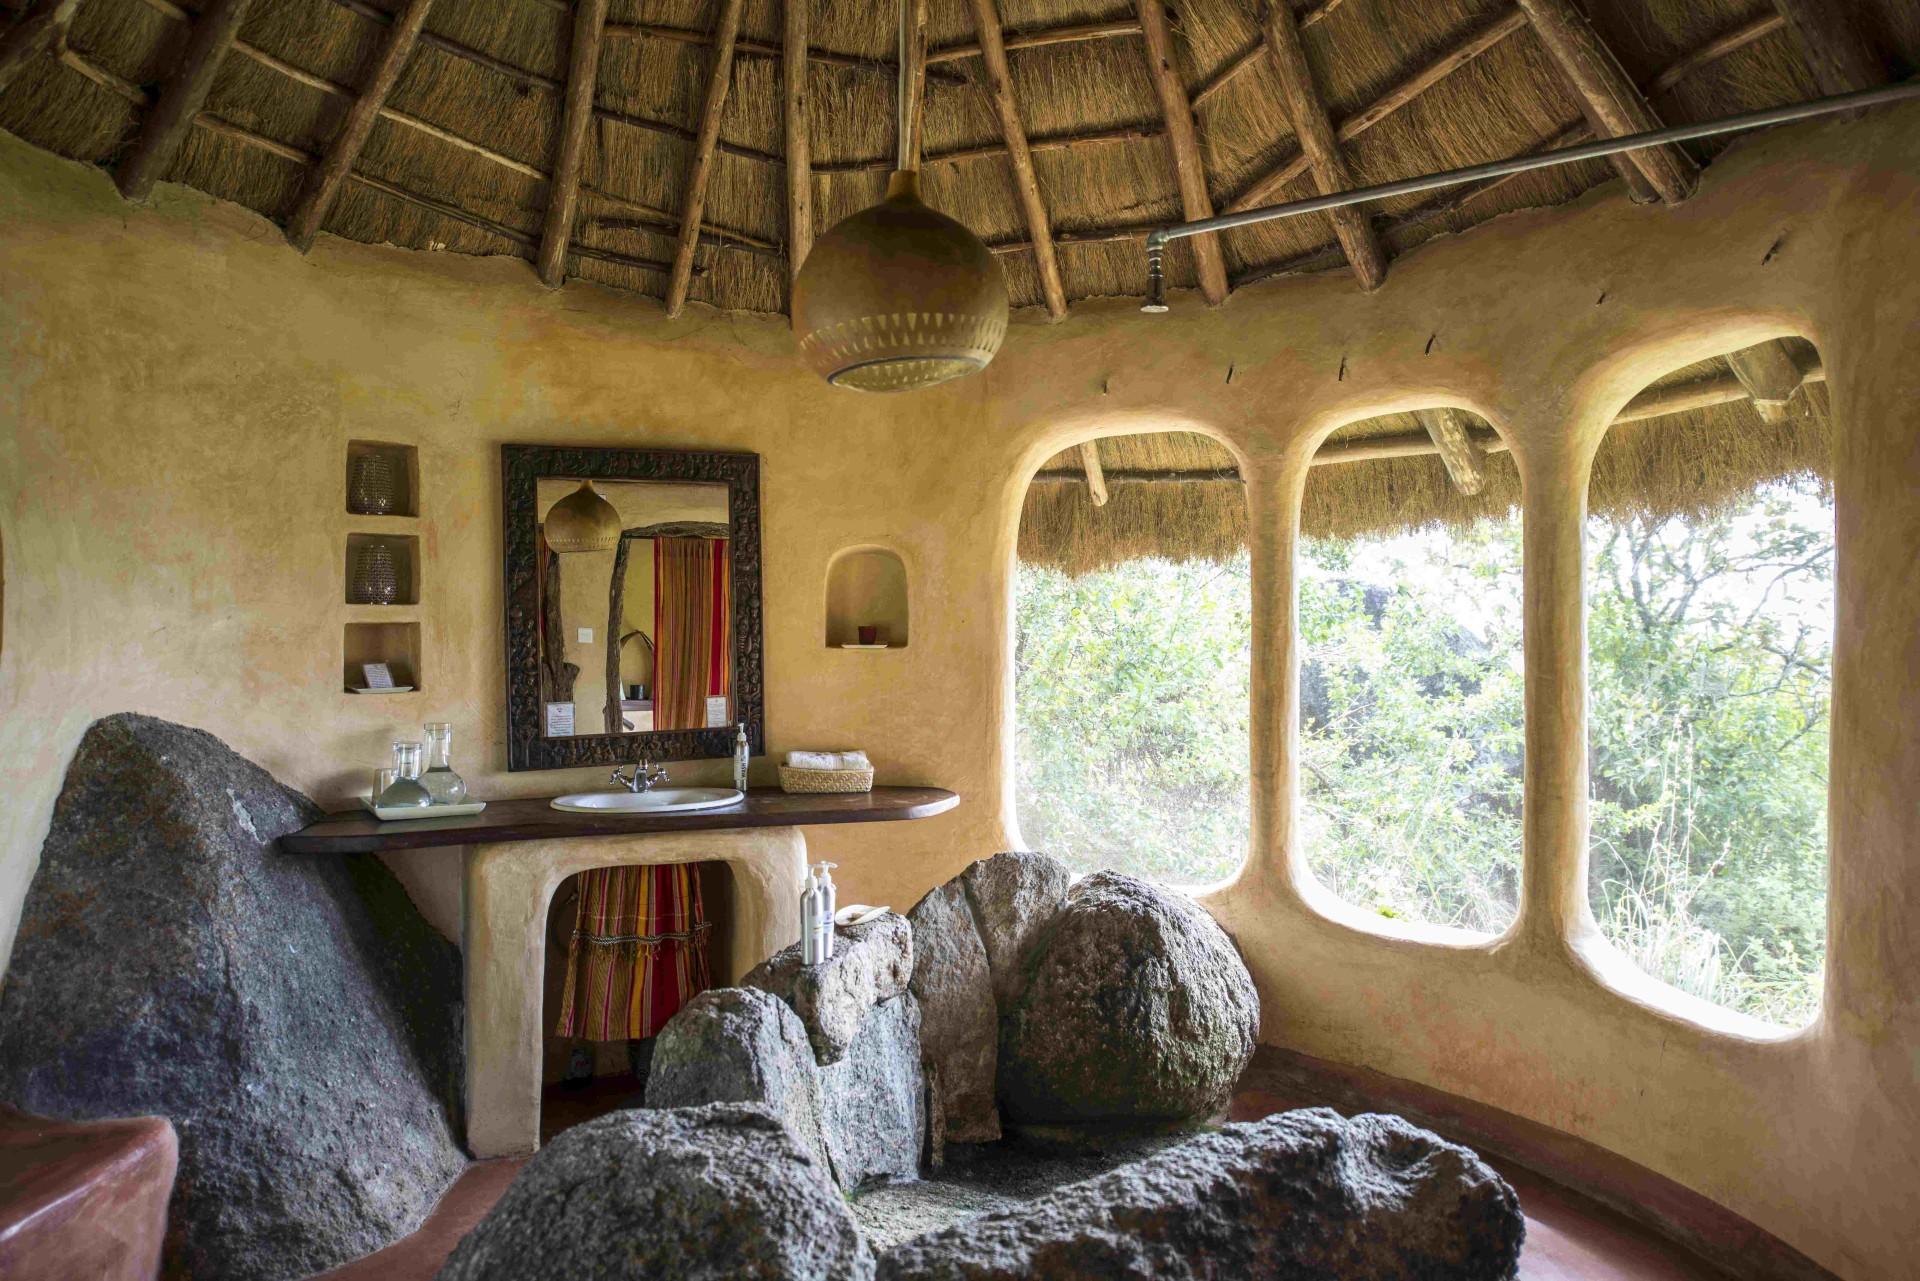 Innenansicht eines Badezimmers in der Mihingo Lodge